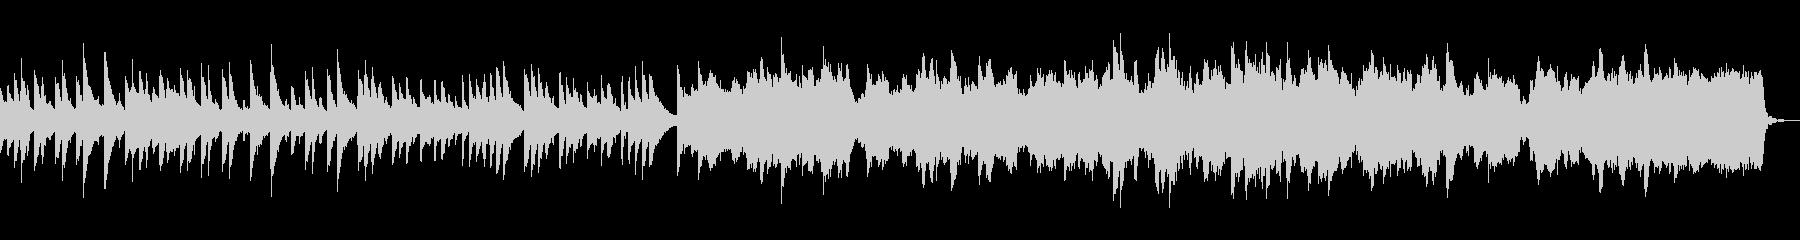 切ない、儚げなイメージのBGMの未再生の波形